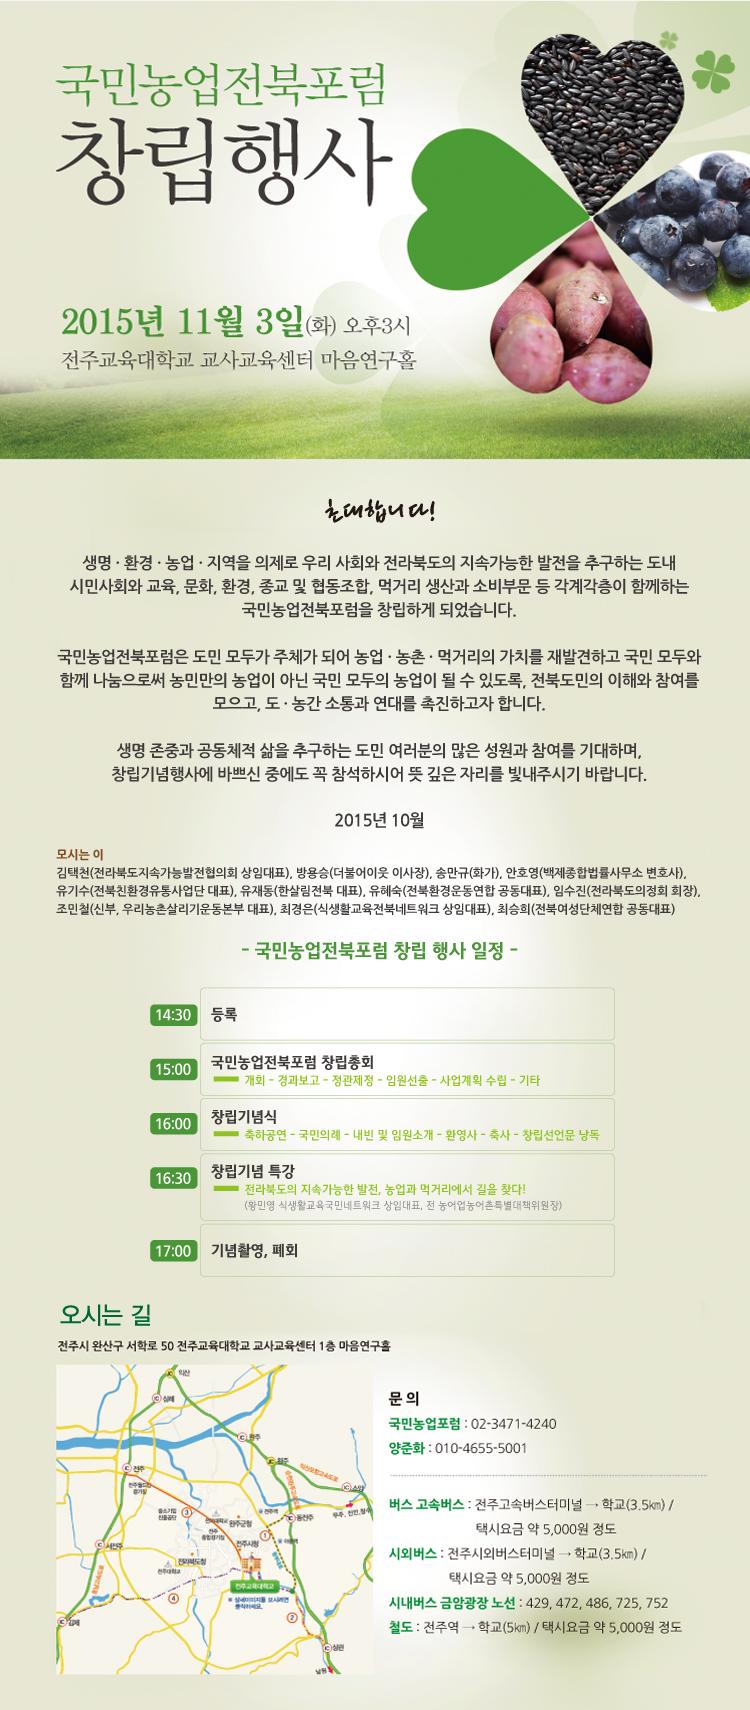 국민농업전북포럼창립총회_초청장(웹용).jpg